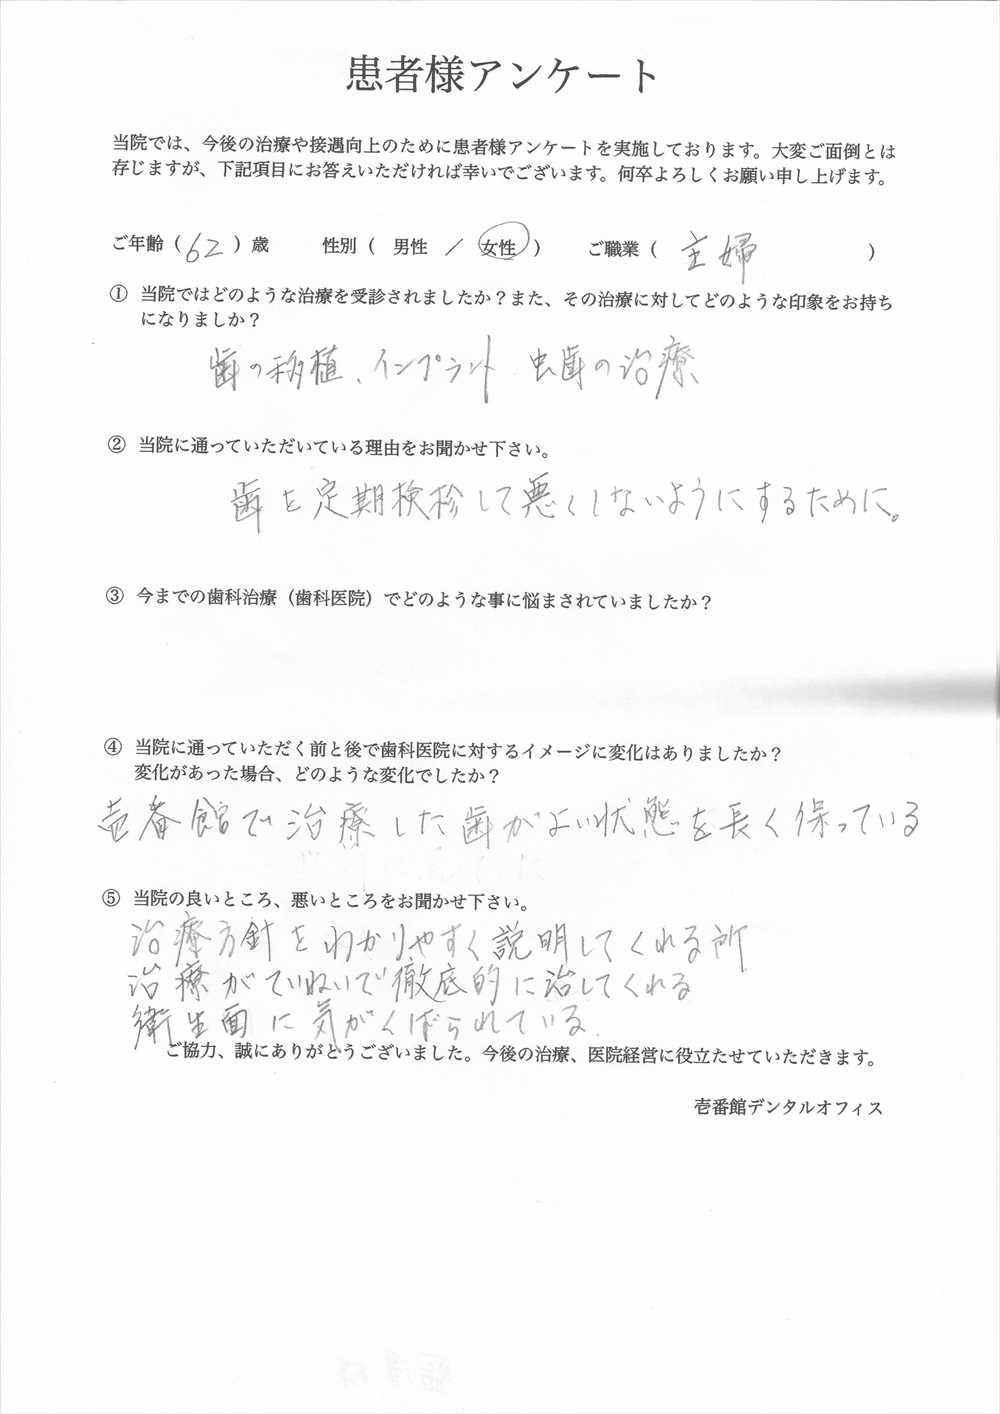 壱番館デンタルオフィス口コミ評判アンケート3